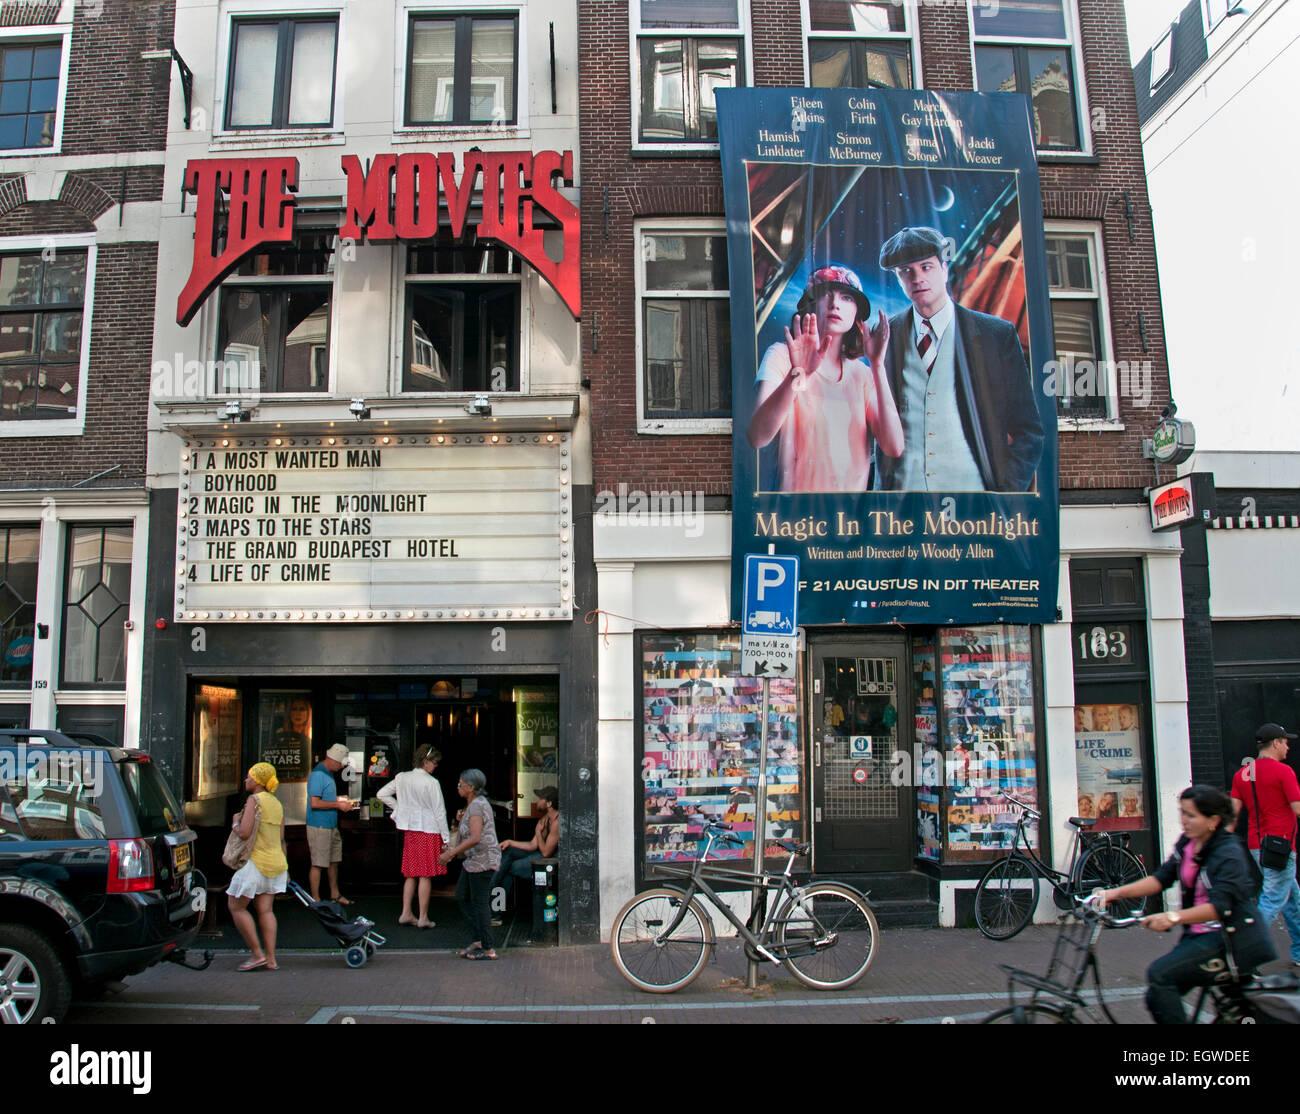 https://c8.alamy.com/compde/egwdee/die-filme-altesten-kino-art-deco-interieur-in-amsterdam-das-kino-auf-haarlemmerdijk-entstand-aus-kino-tavenu-1912-gegrundet-und-spater-hollandia-niederlande-egwdee.jpg